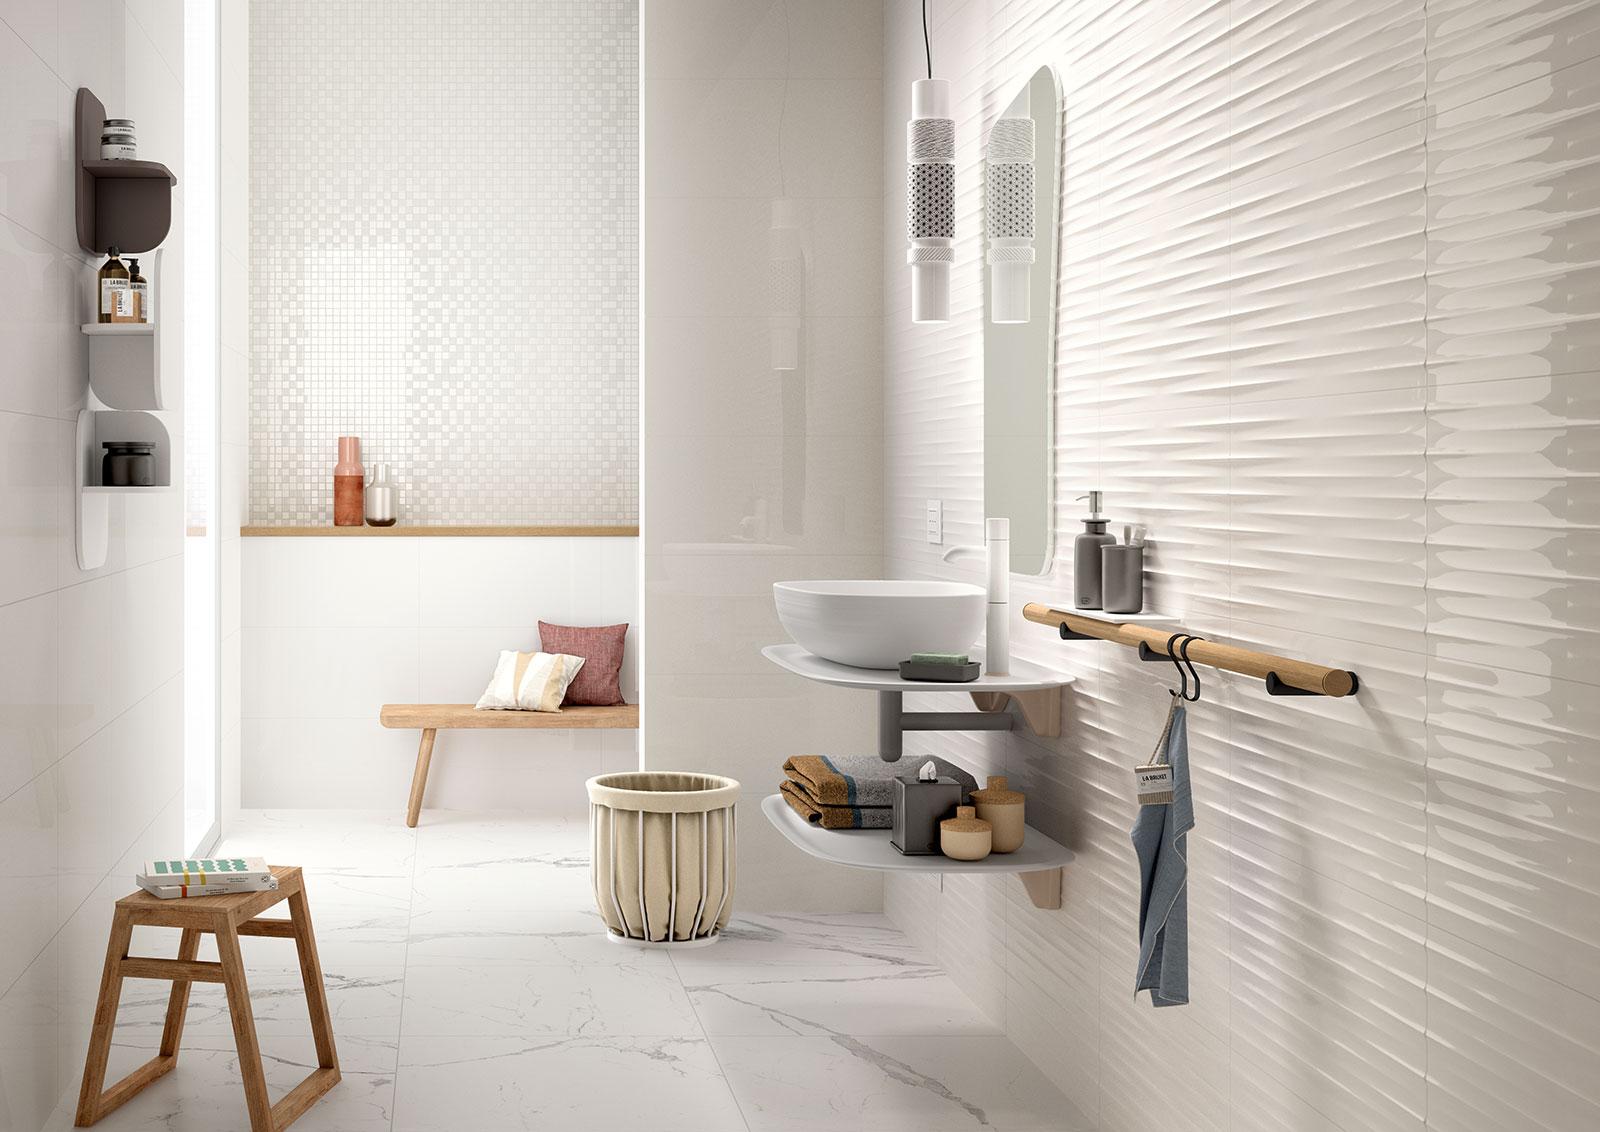 marazzi rivestimenti bagno ~ idee per interior design e mobili - Bagni Moderni Marazzi